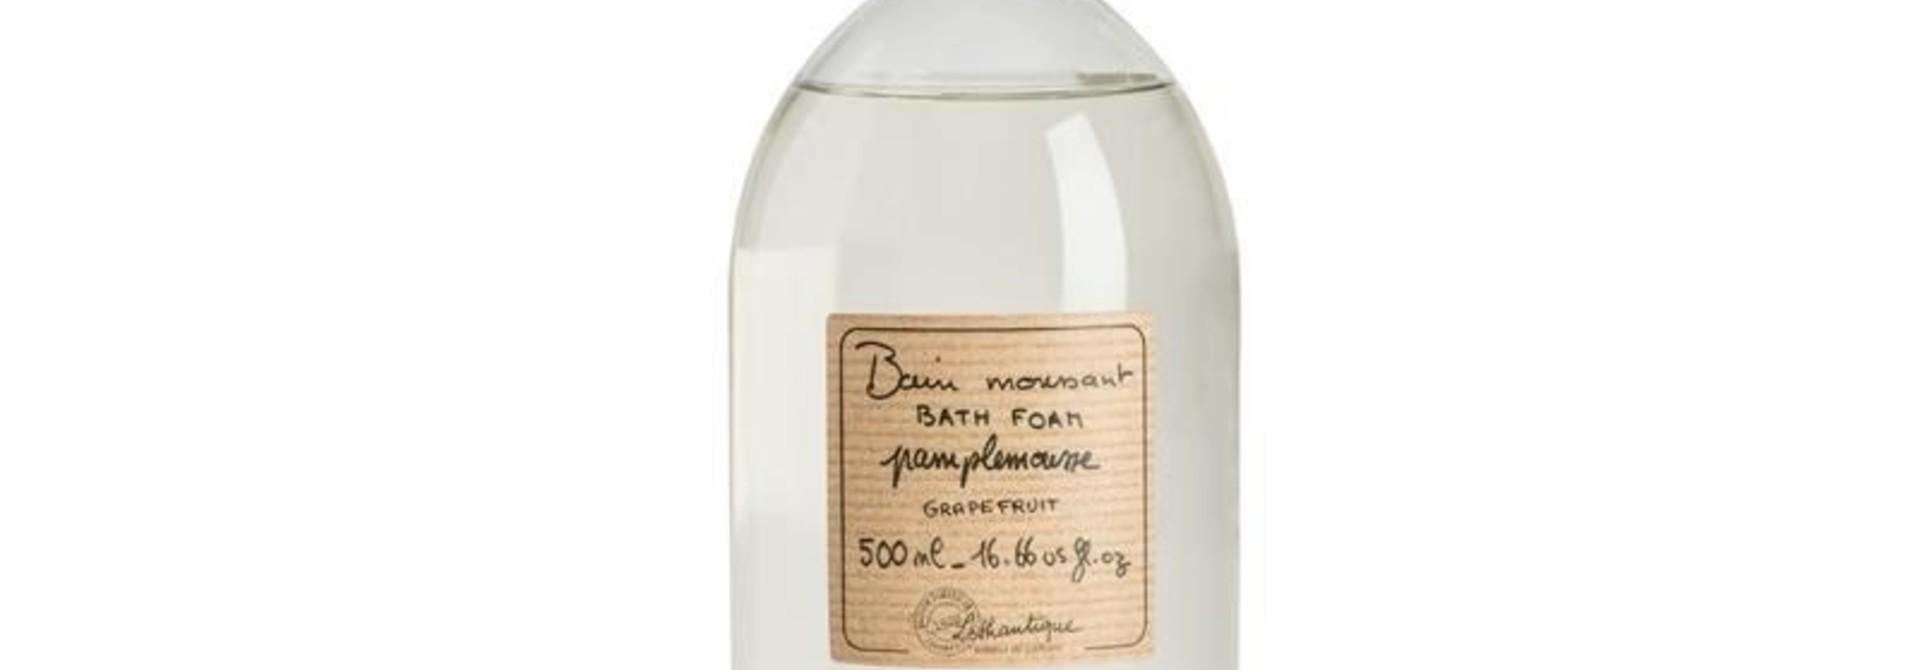 Grapefruit - Foam Bath